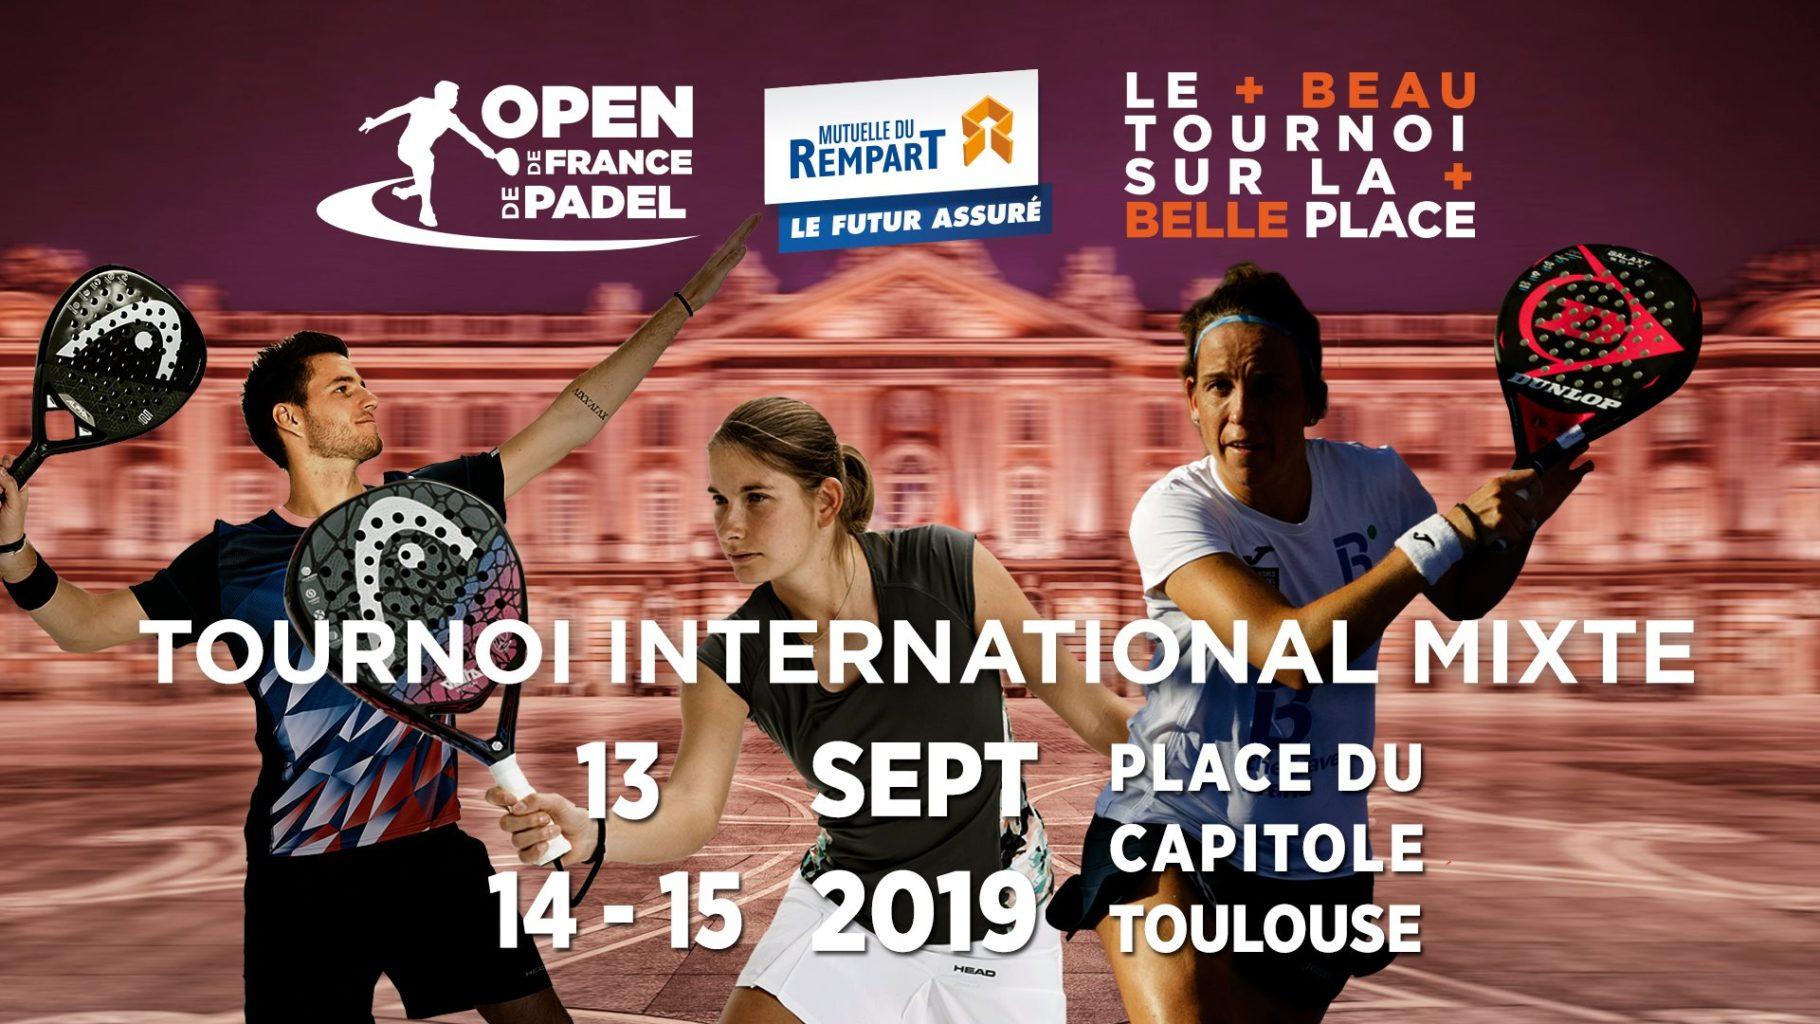 Affiche Open de France de Padel 2019